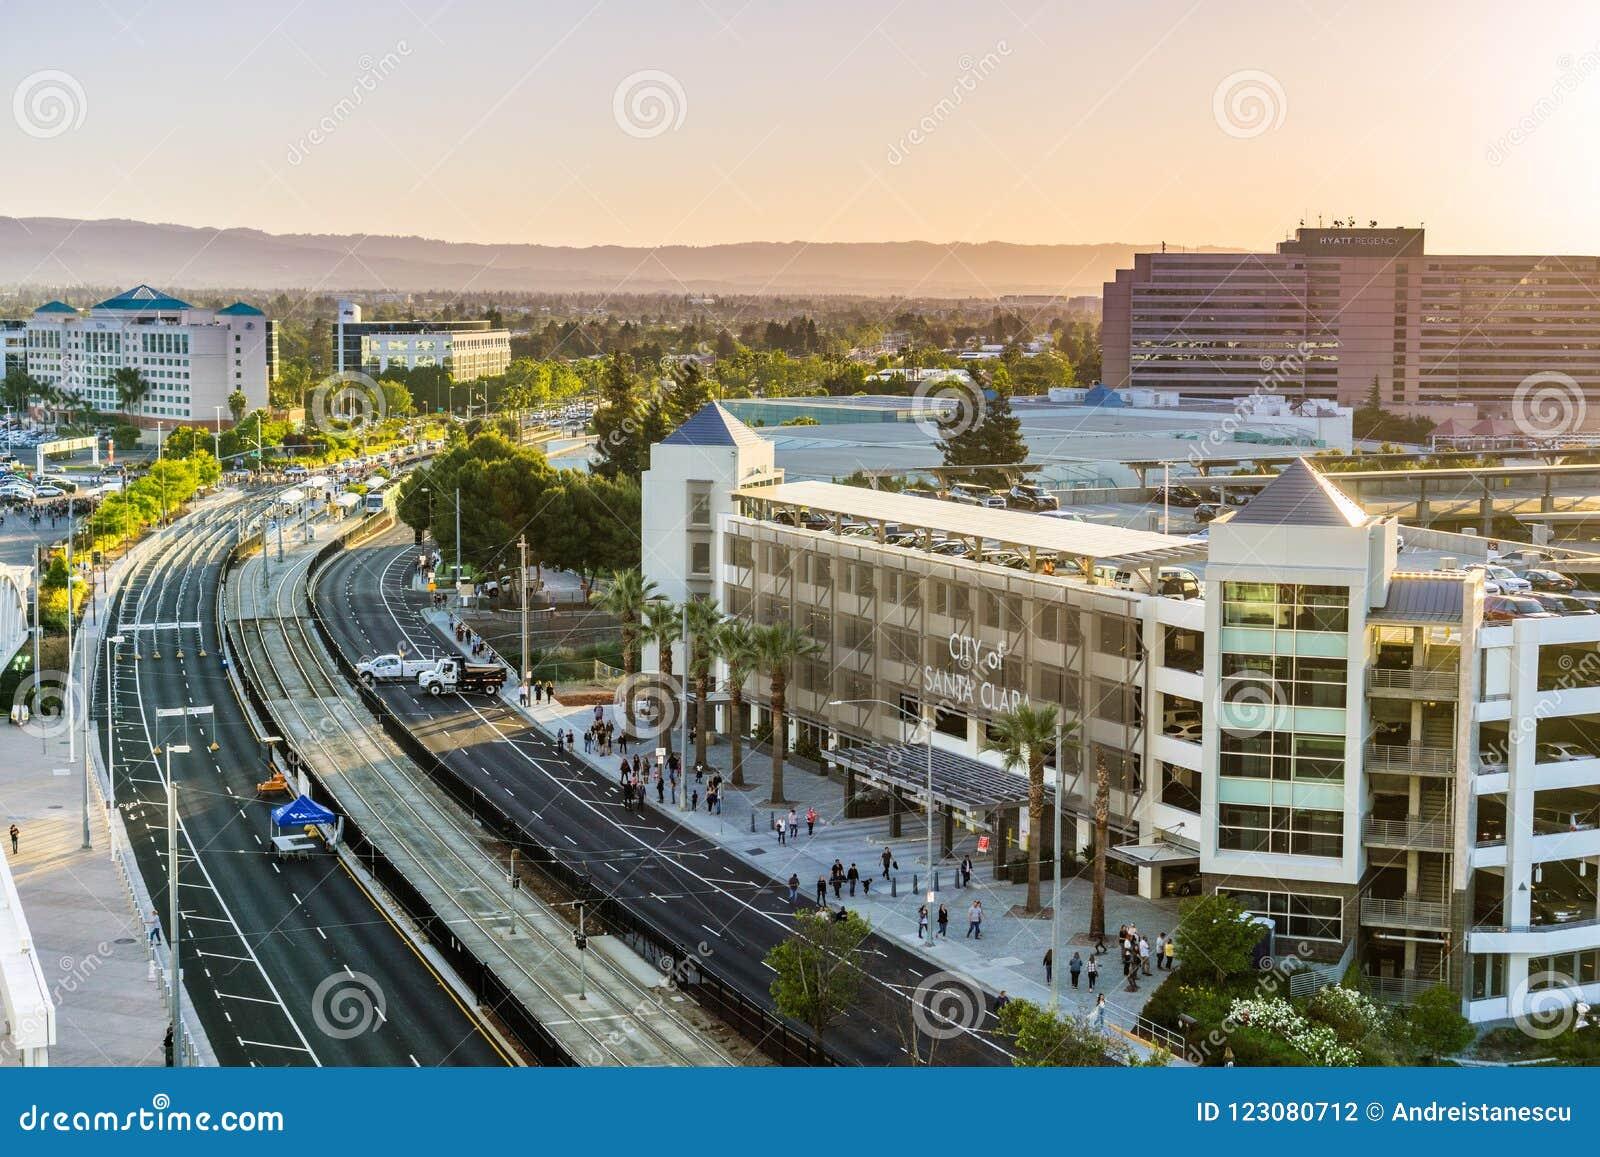 Αστικό τοπίο στη Σάντα Κλάρα, Καλιφόρνια